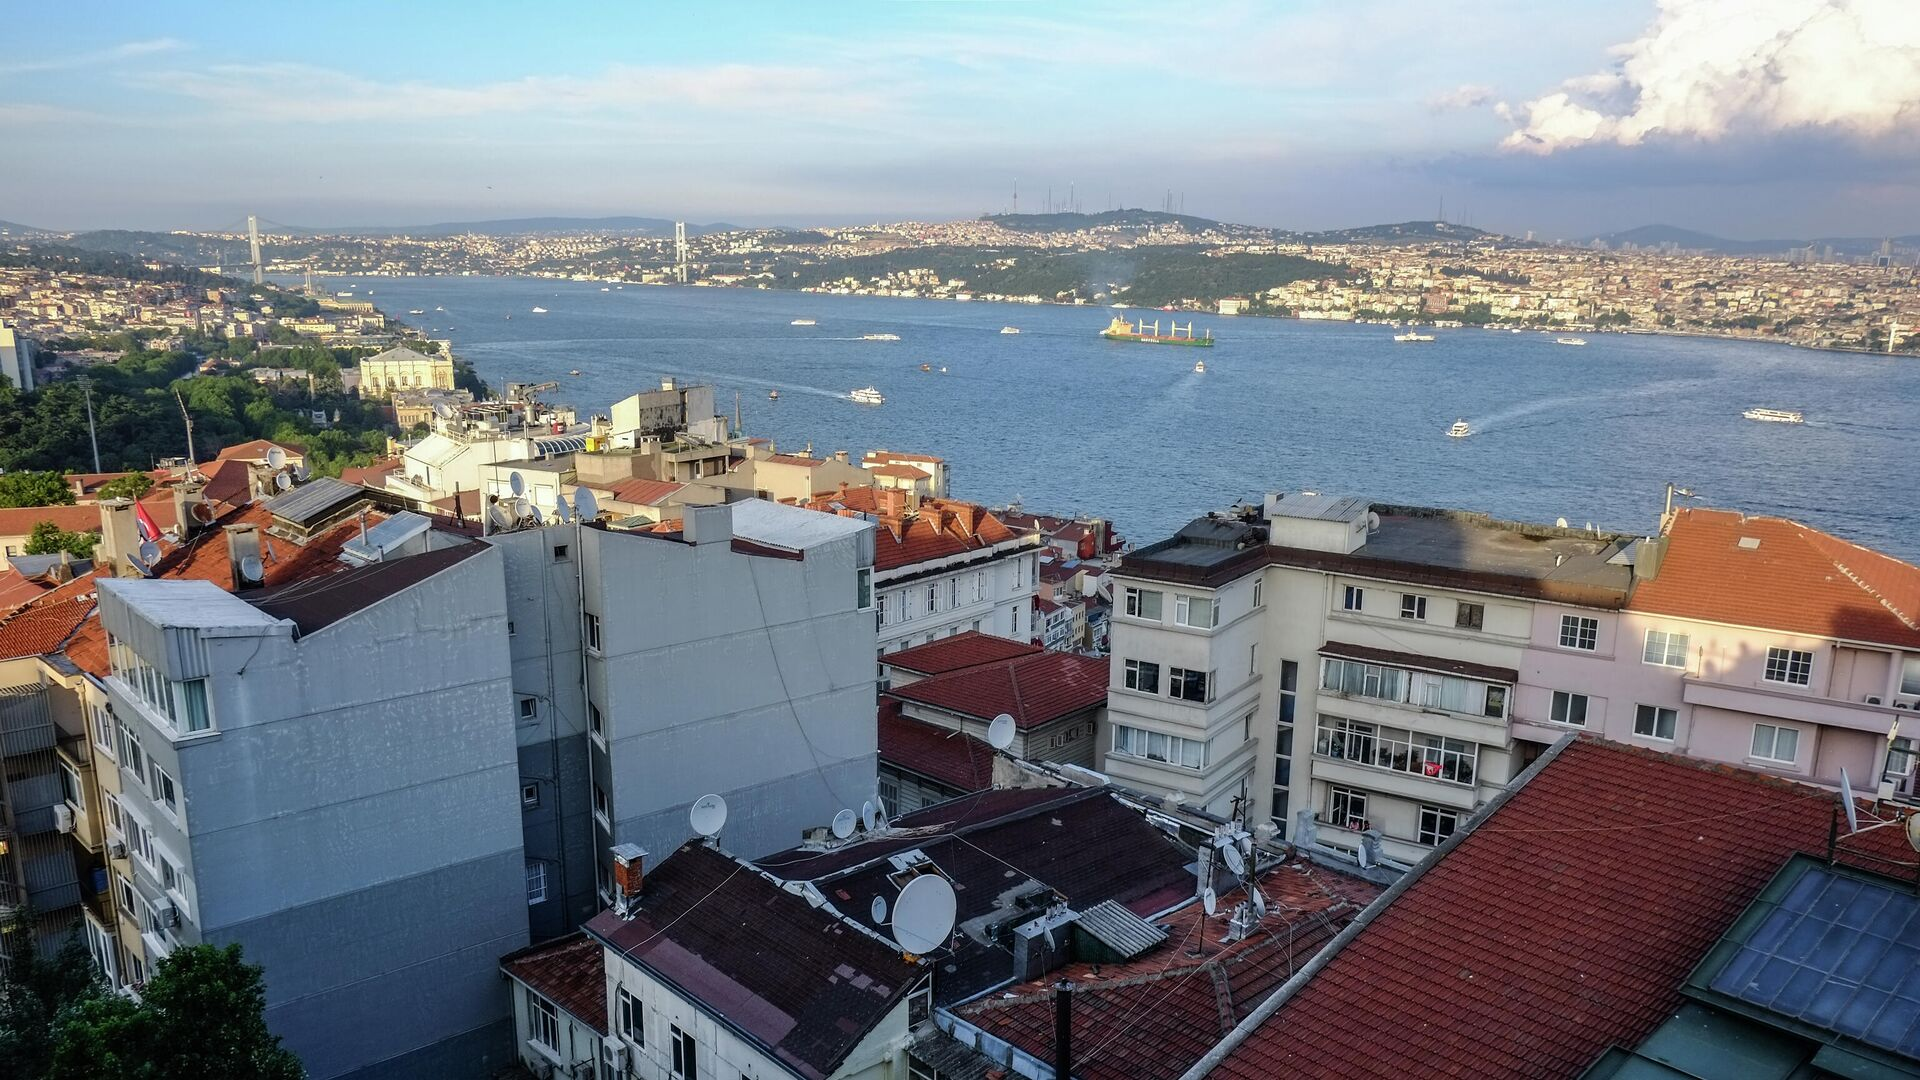 Пролив Босфор в Стамбуле - РИА Новости, 1920, 12.04.2021